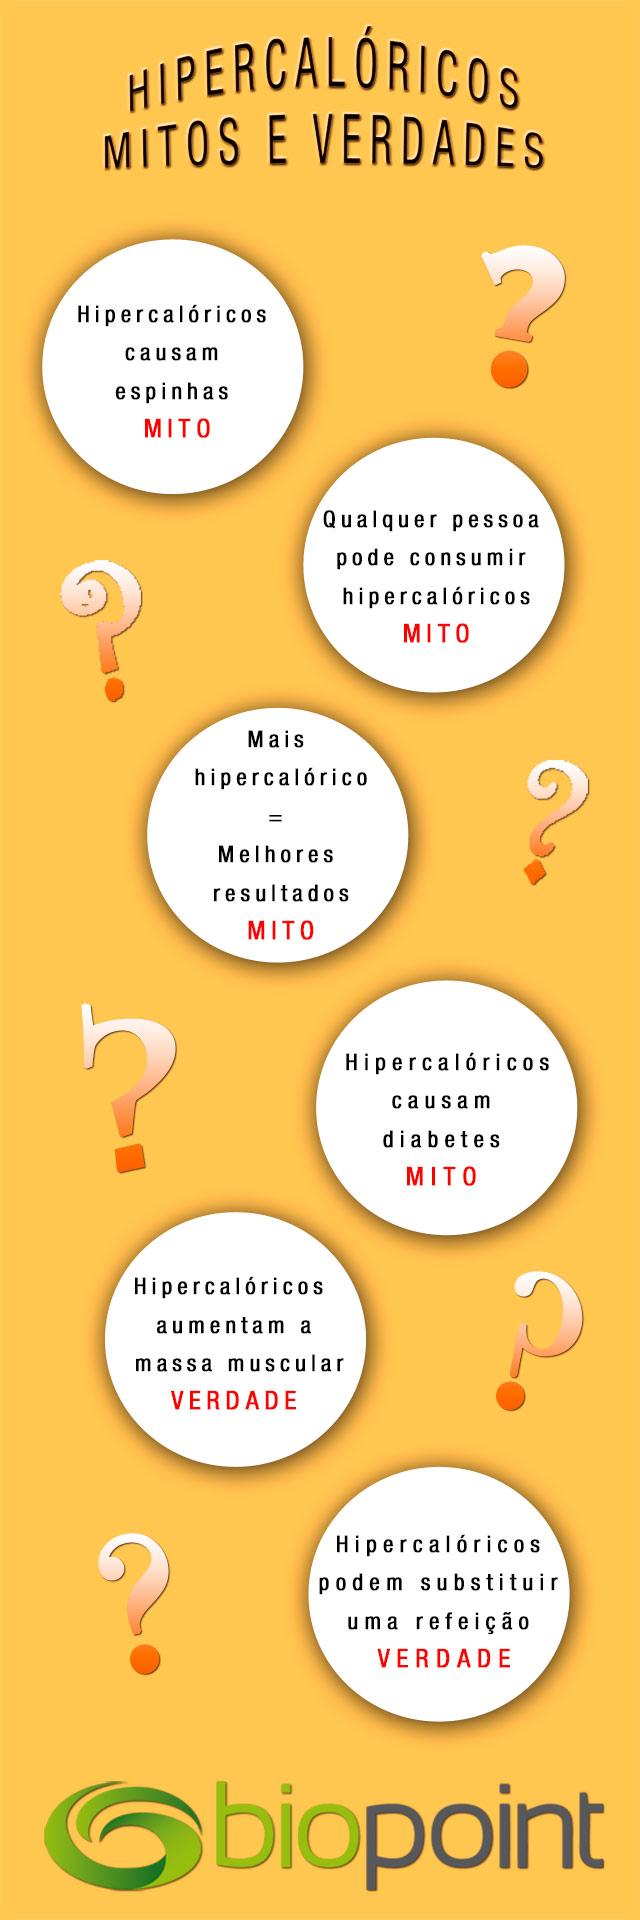 Hipercalóricos-mitos-e-verdades-infográfico